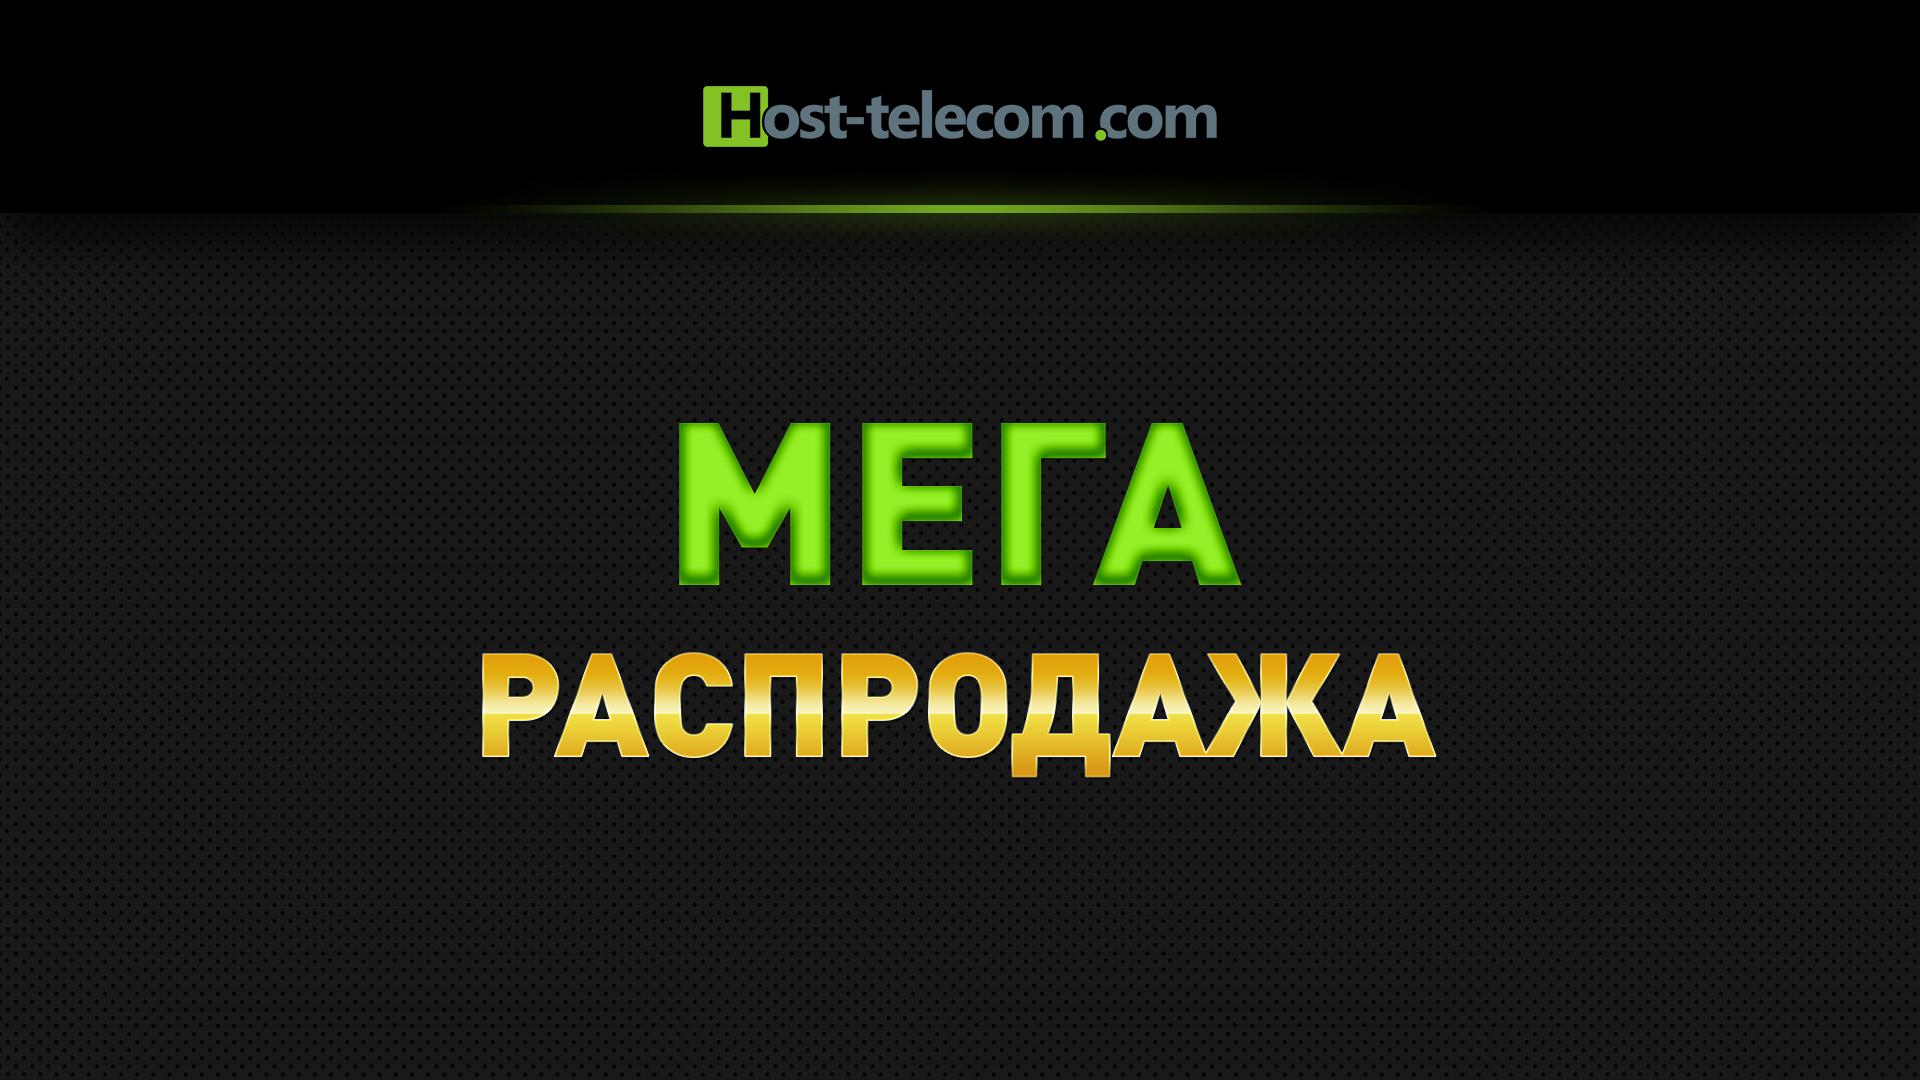 Неделя скидок и спецпредложений на Host-telecom.com!